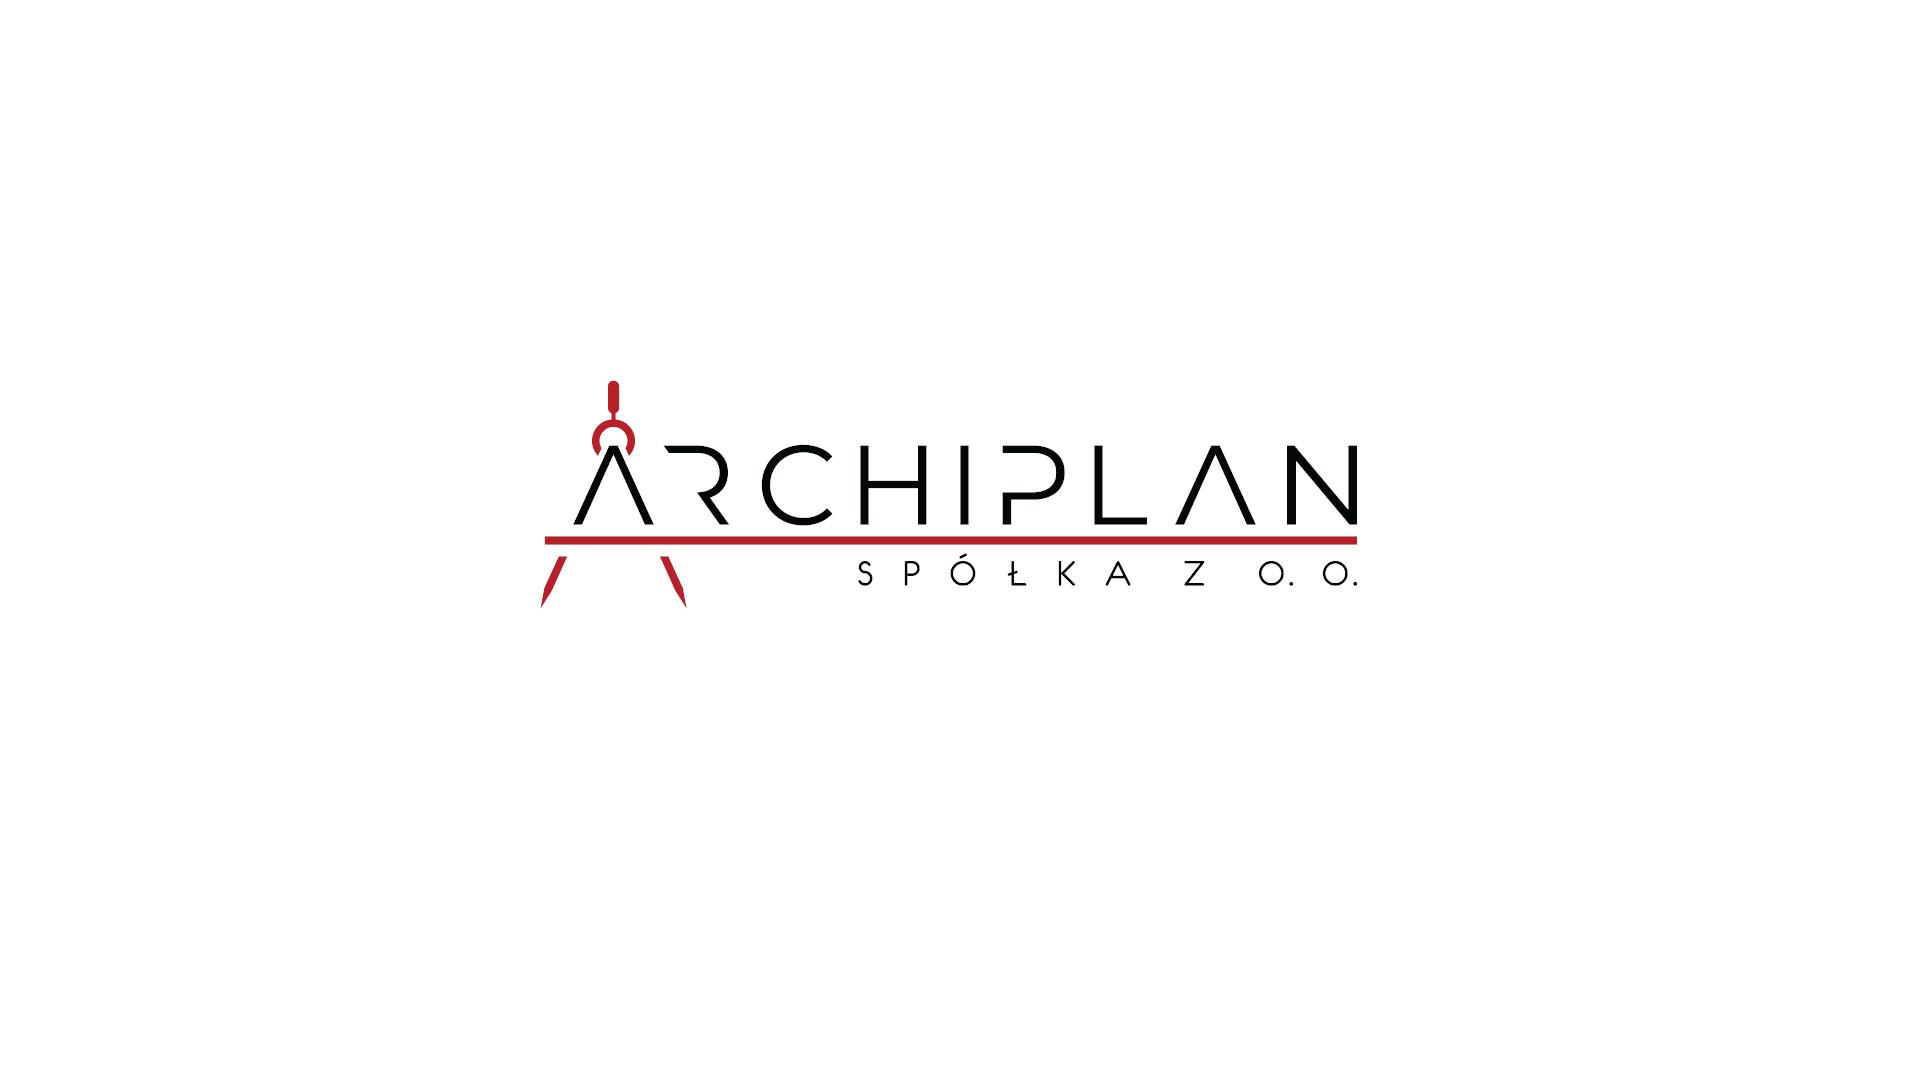 Archiplan Sp. z o.o.